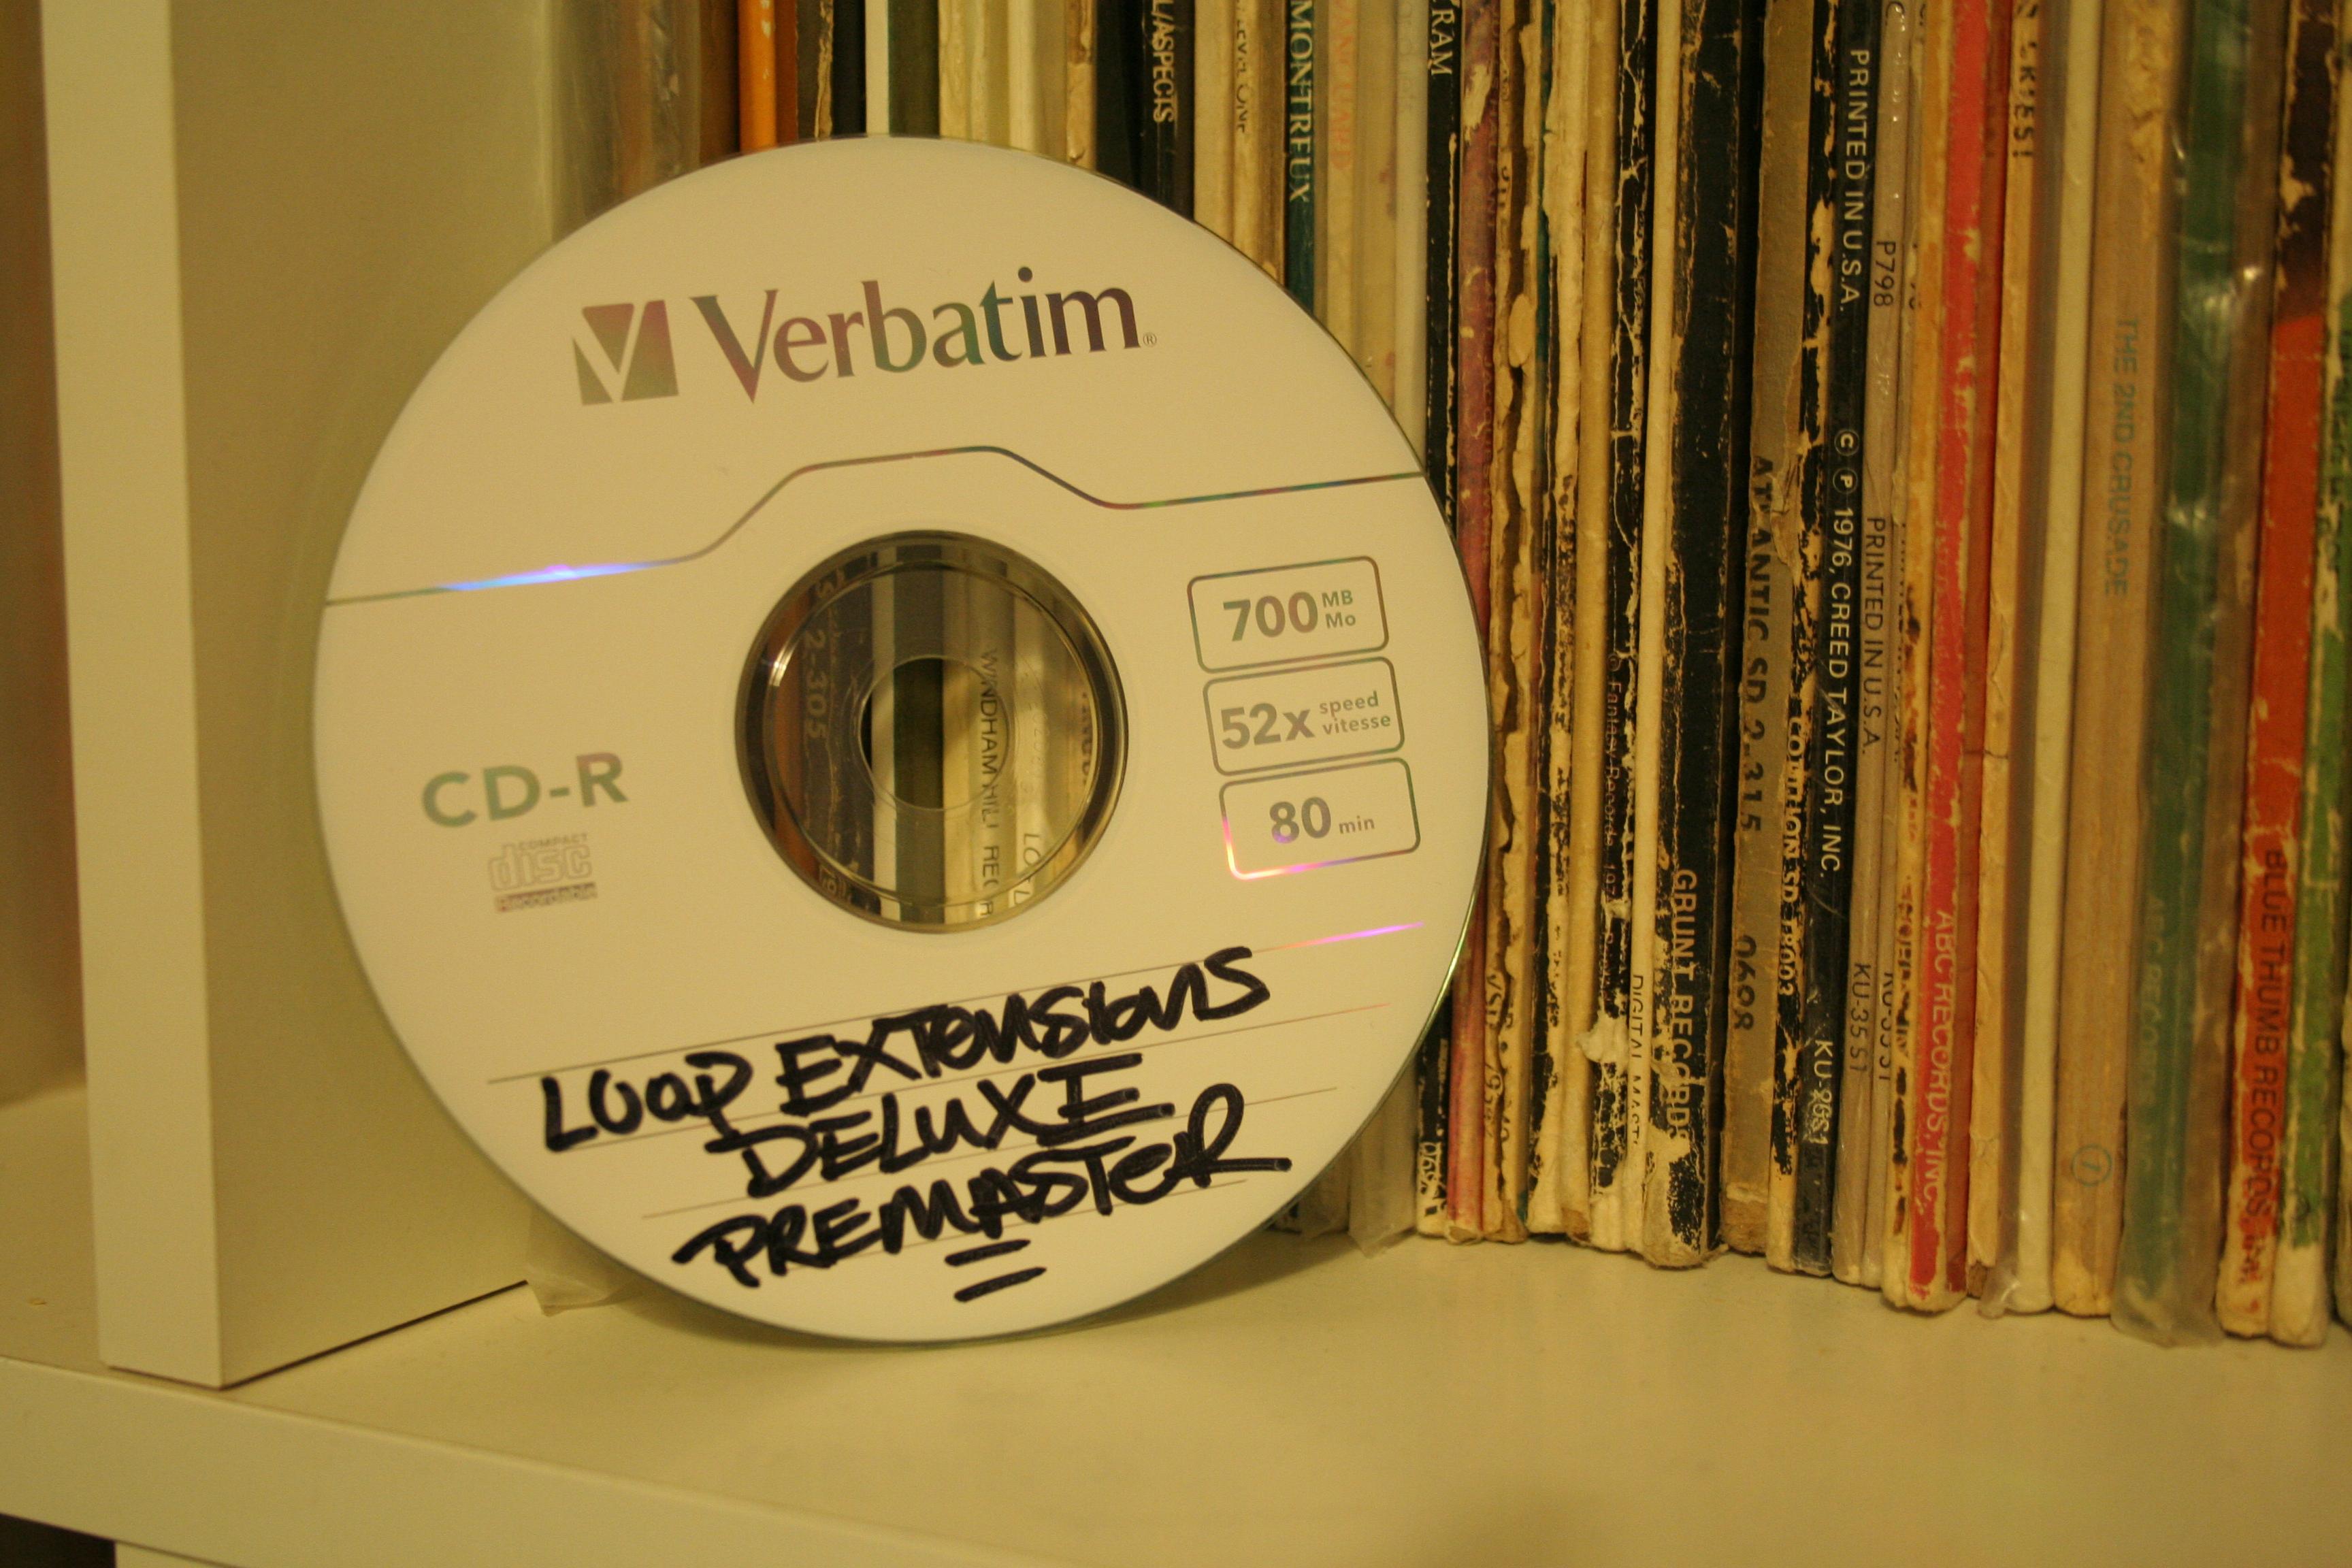 Loop Extensions